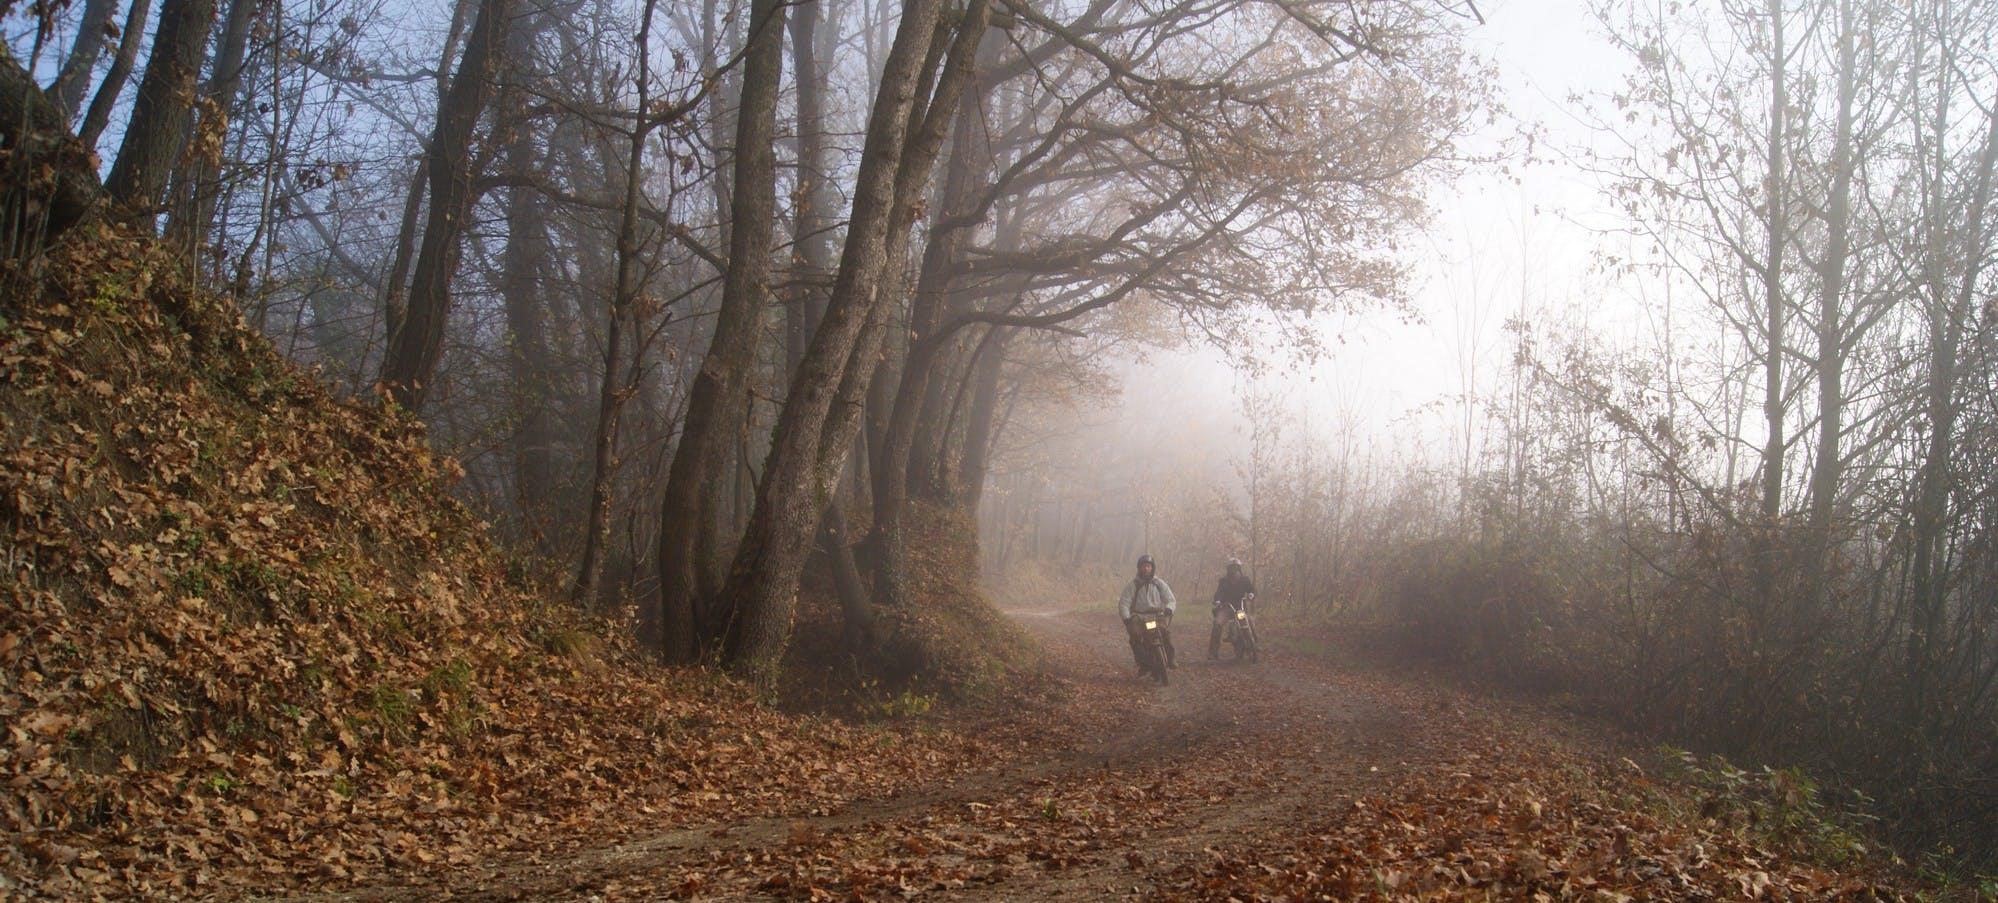 Suggestivi i paesaggi del Monferrato, teatro di questa avventura